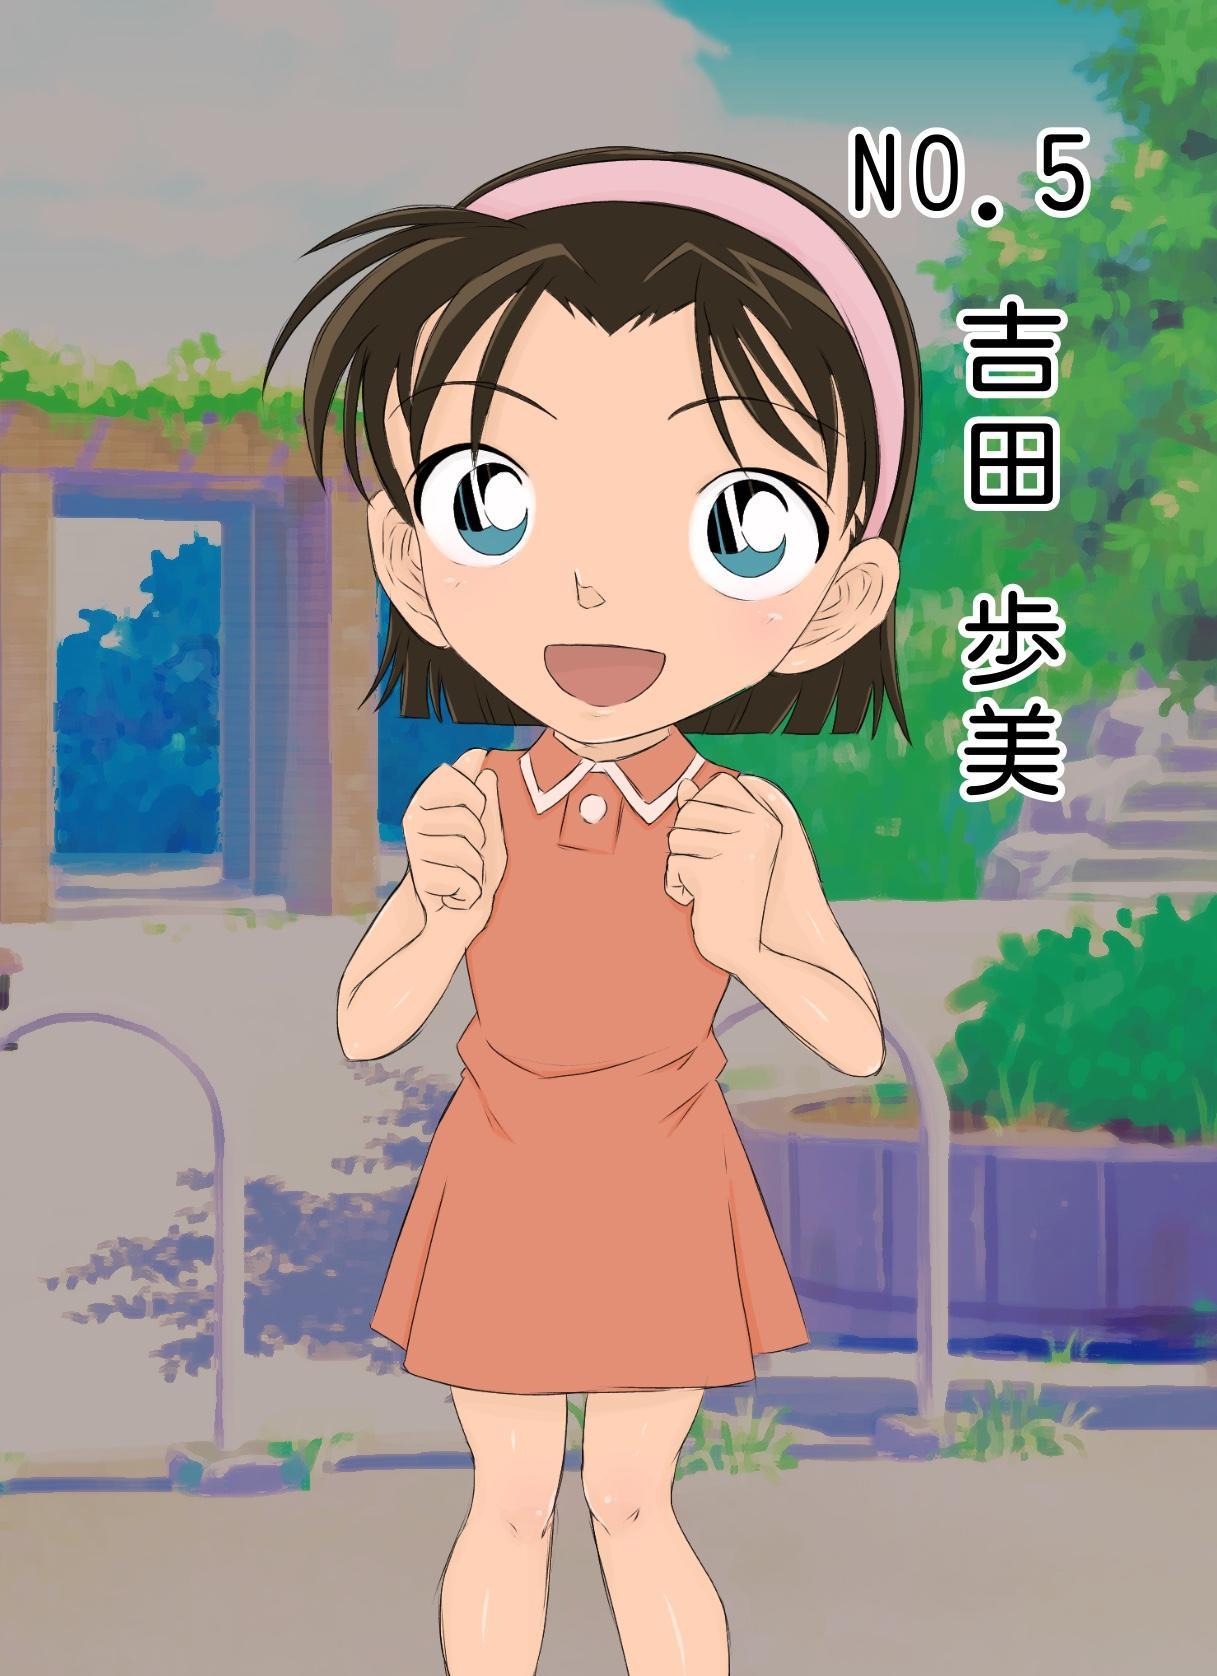 Conan NTR Series No. 1 19